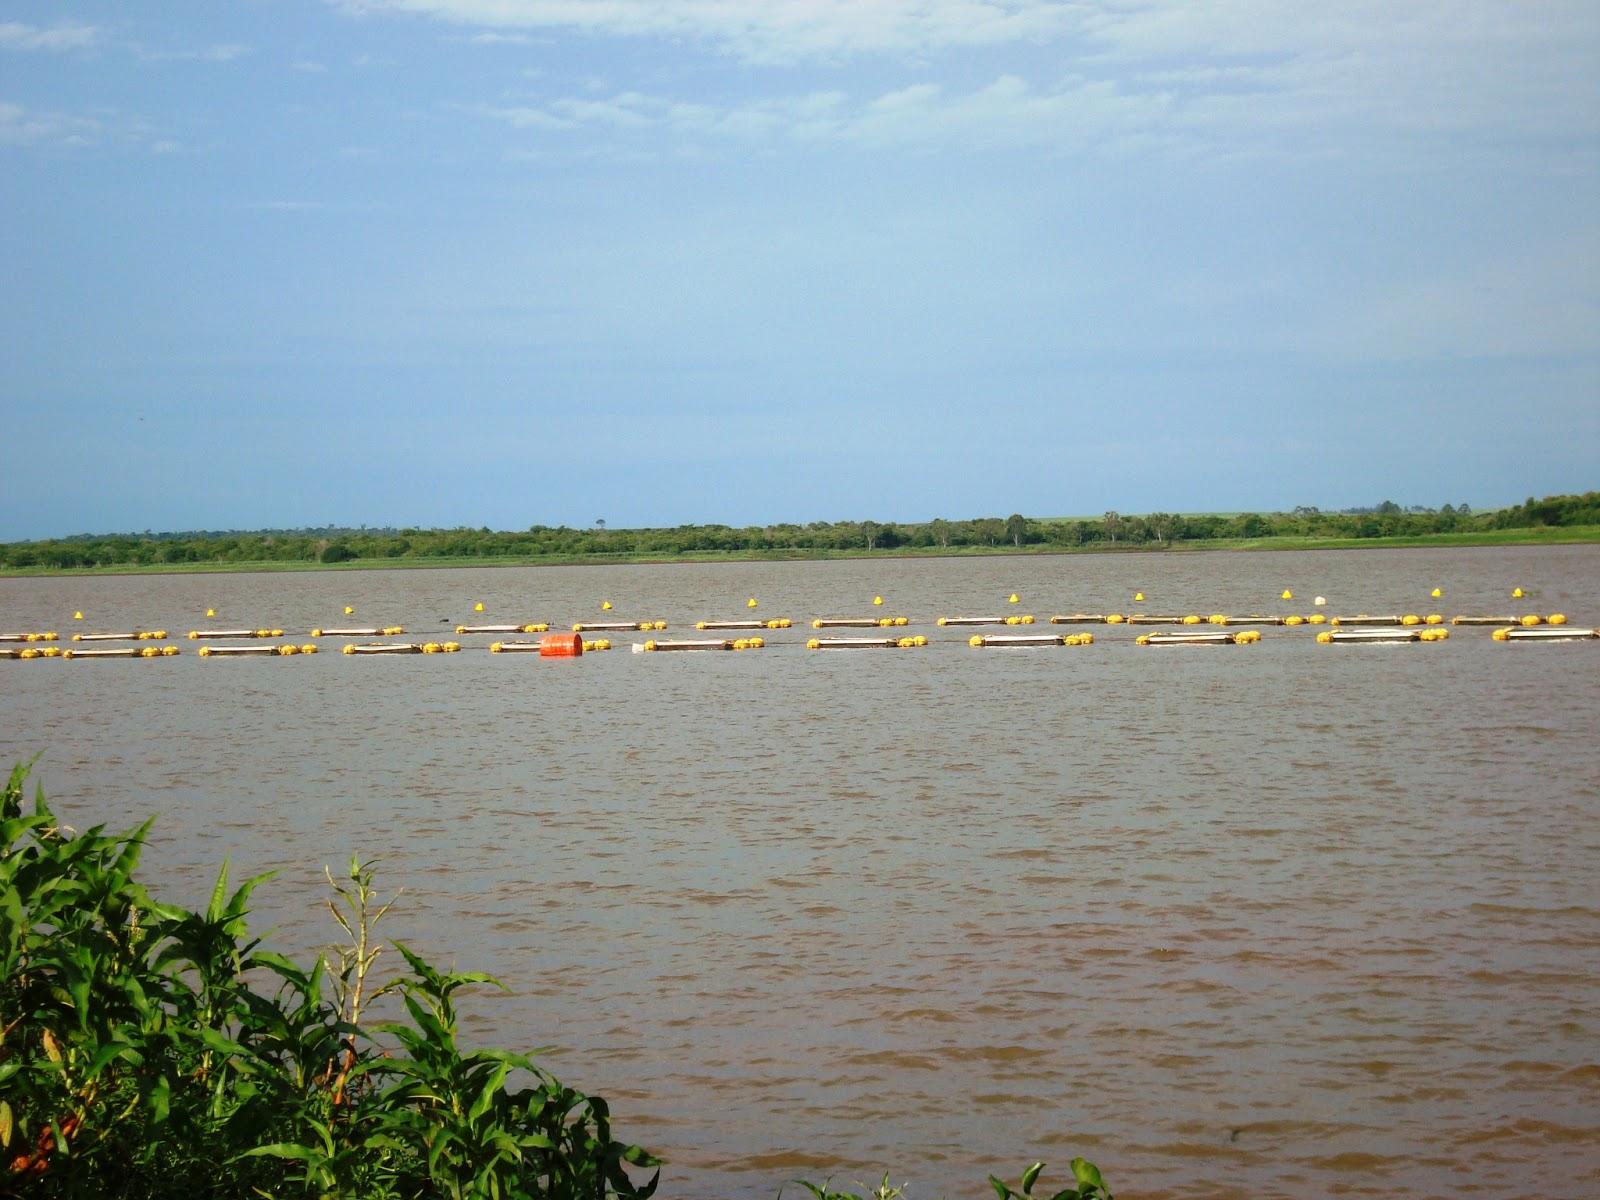 Cria peixe tilapicultura avalia o do custo de produ o for Tanques para cria de tilapia